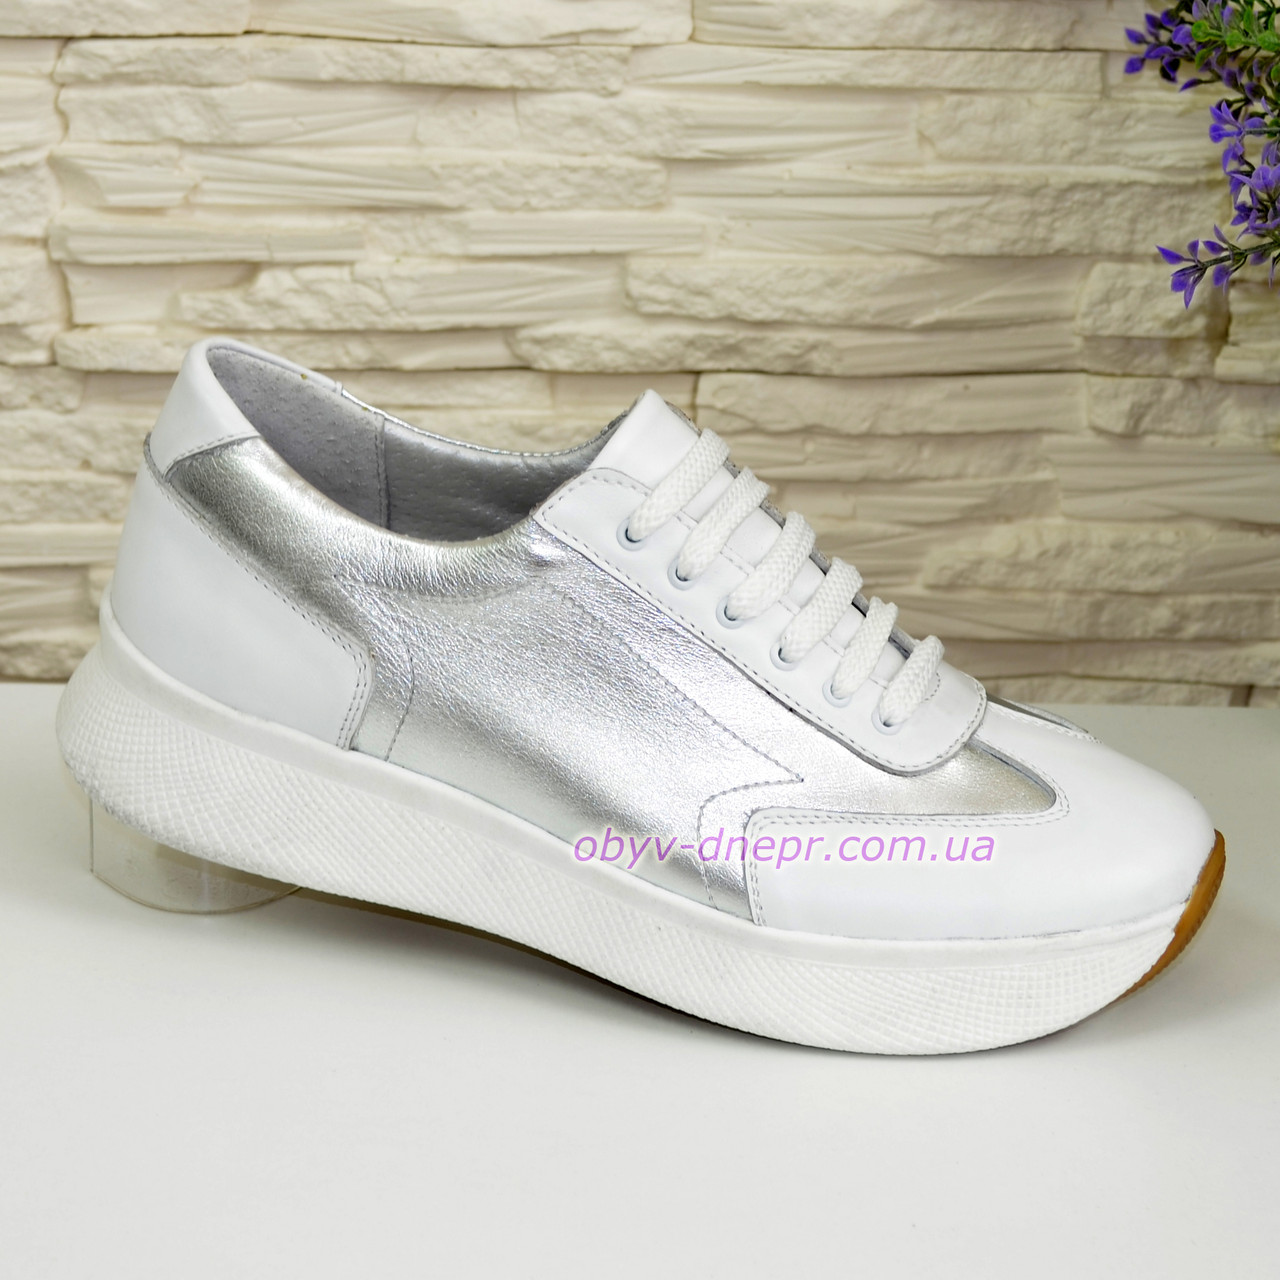 Кроссовки кожаные женские на утолщенной подошве, цвет белый/серебро